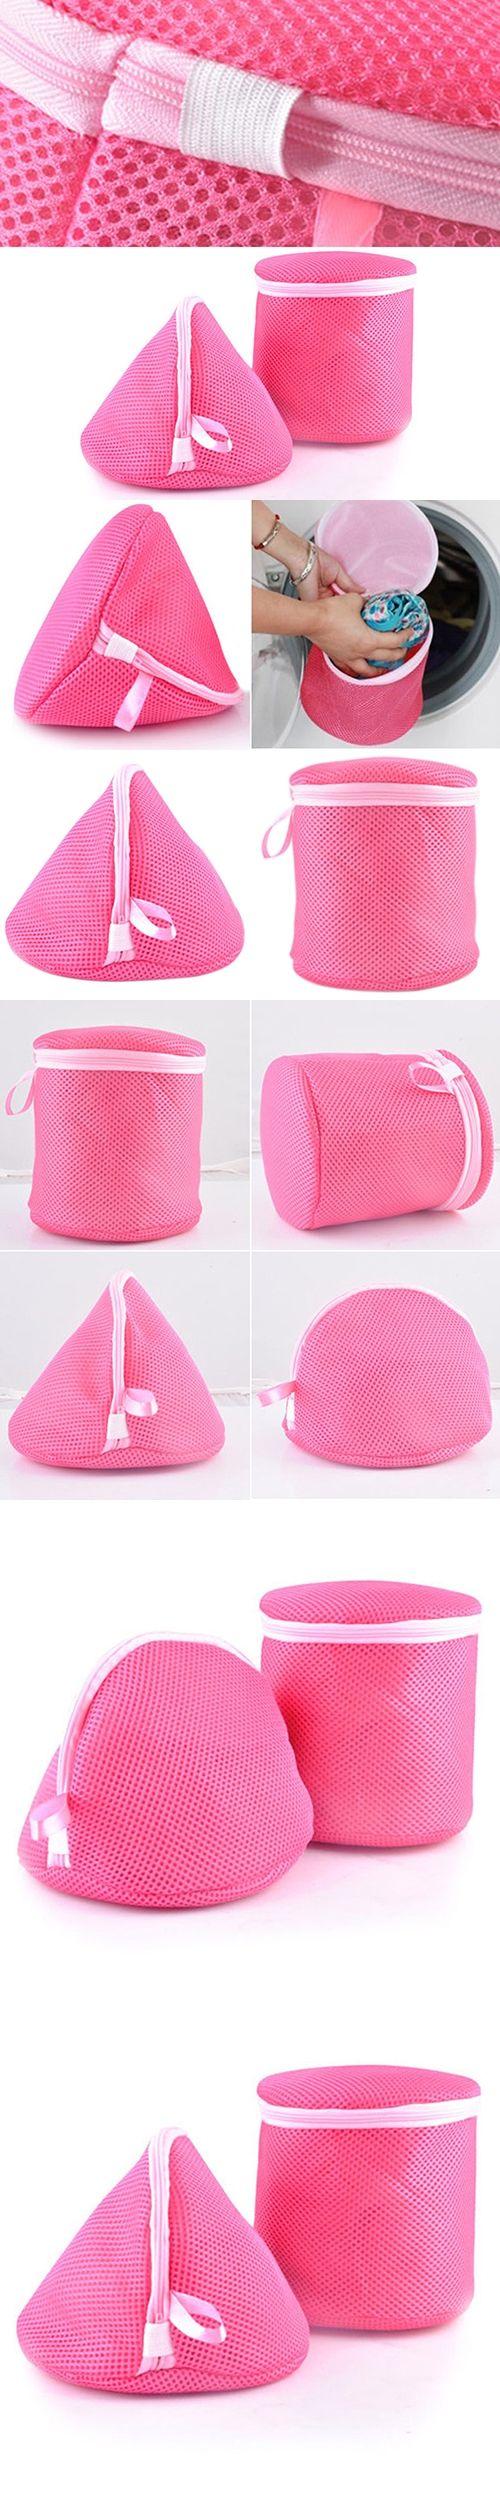 Underwear Aid Bra Laundry Mesh Wash Basket Net Washing Storage Zipper Bag 9IUM